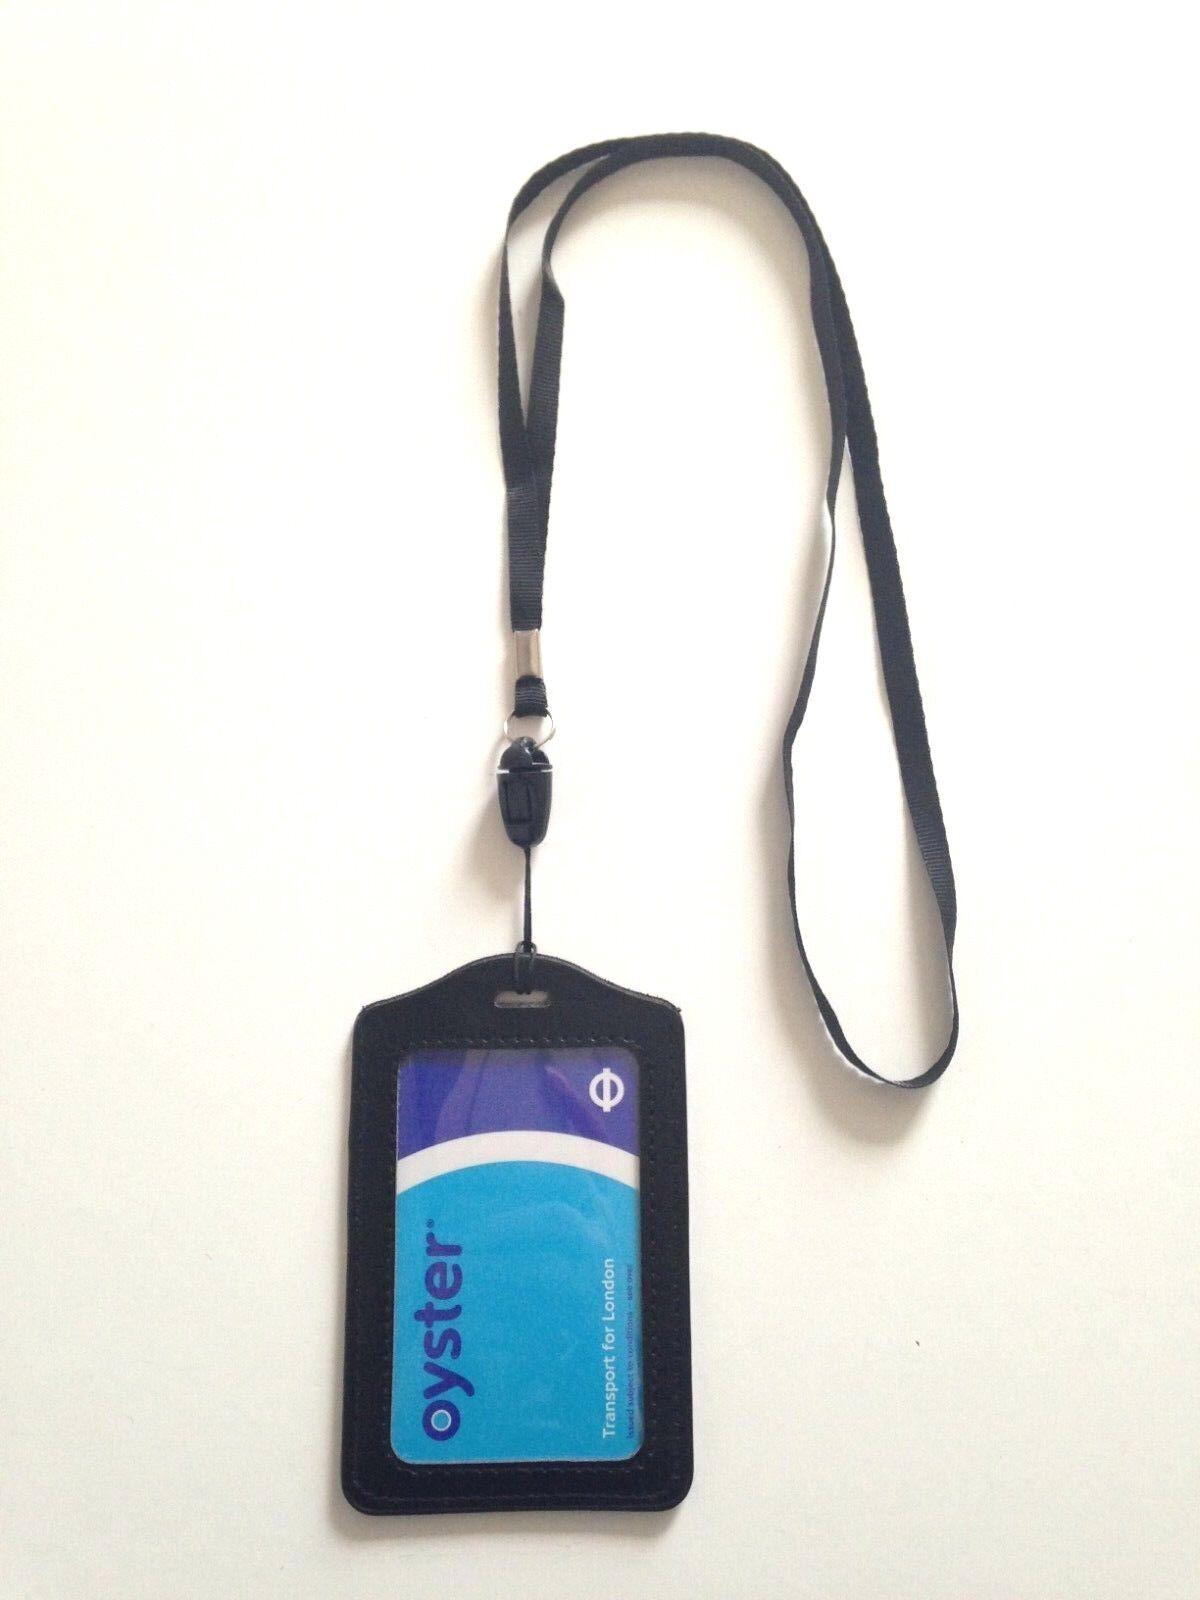 1 XBlack Cuero Tarjeta de ostra, paso de bus, tarjeta de identificación de estudiante, cordón para titular de la tarjeta de acceso.